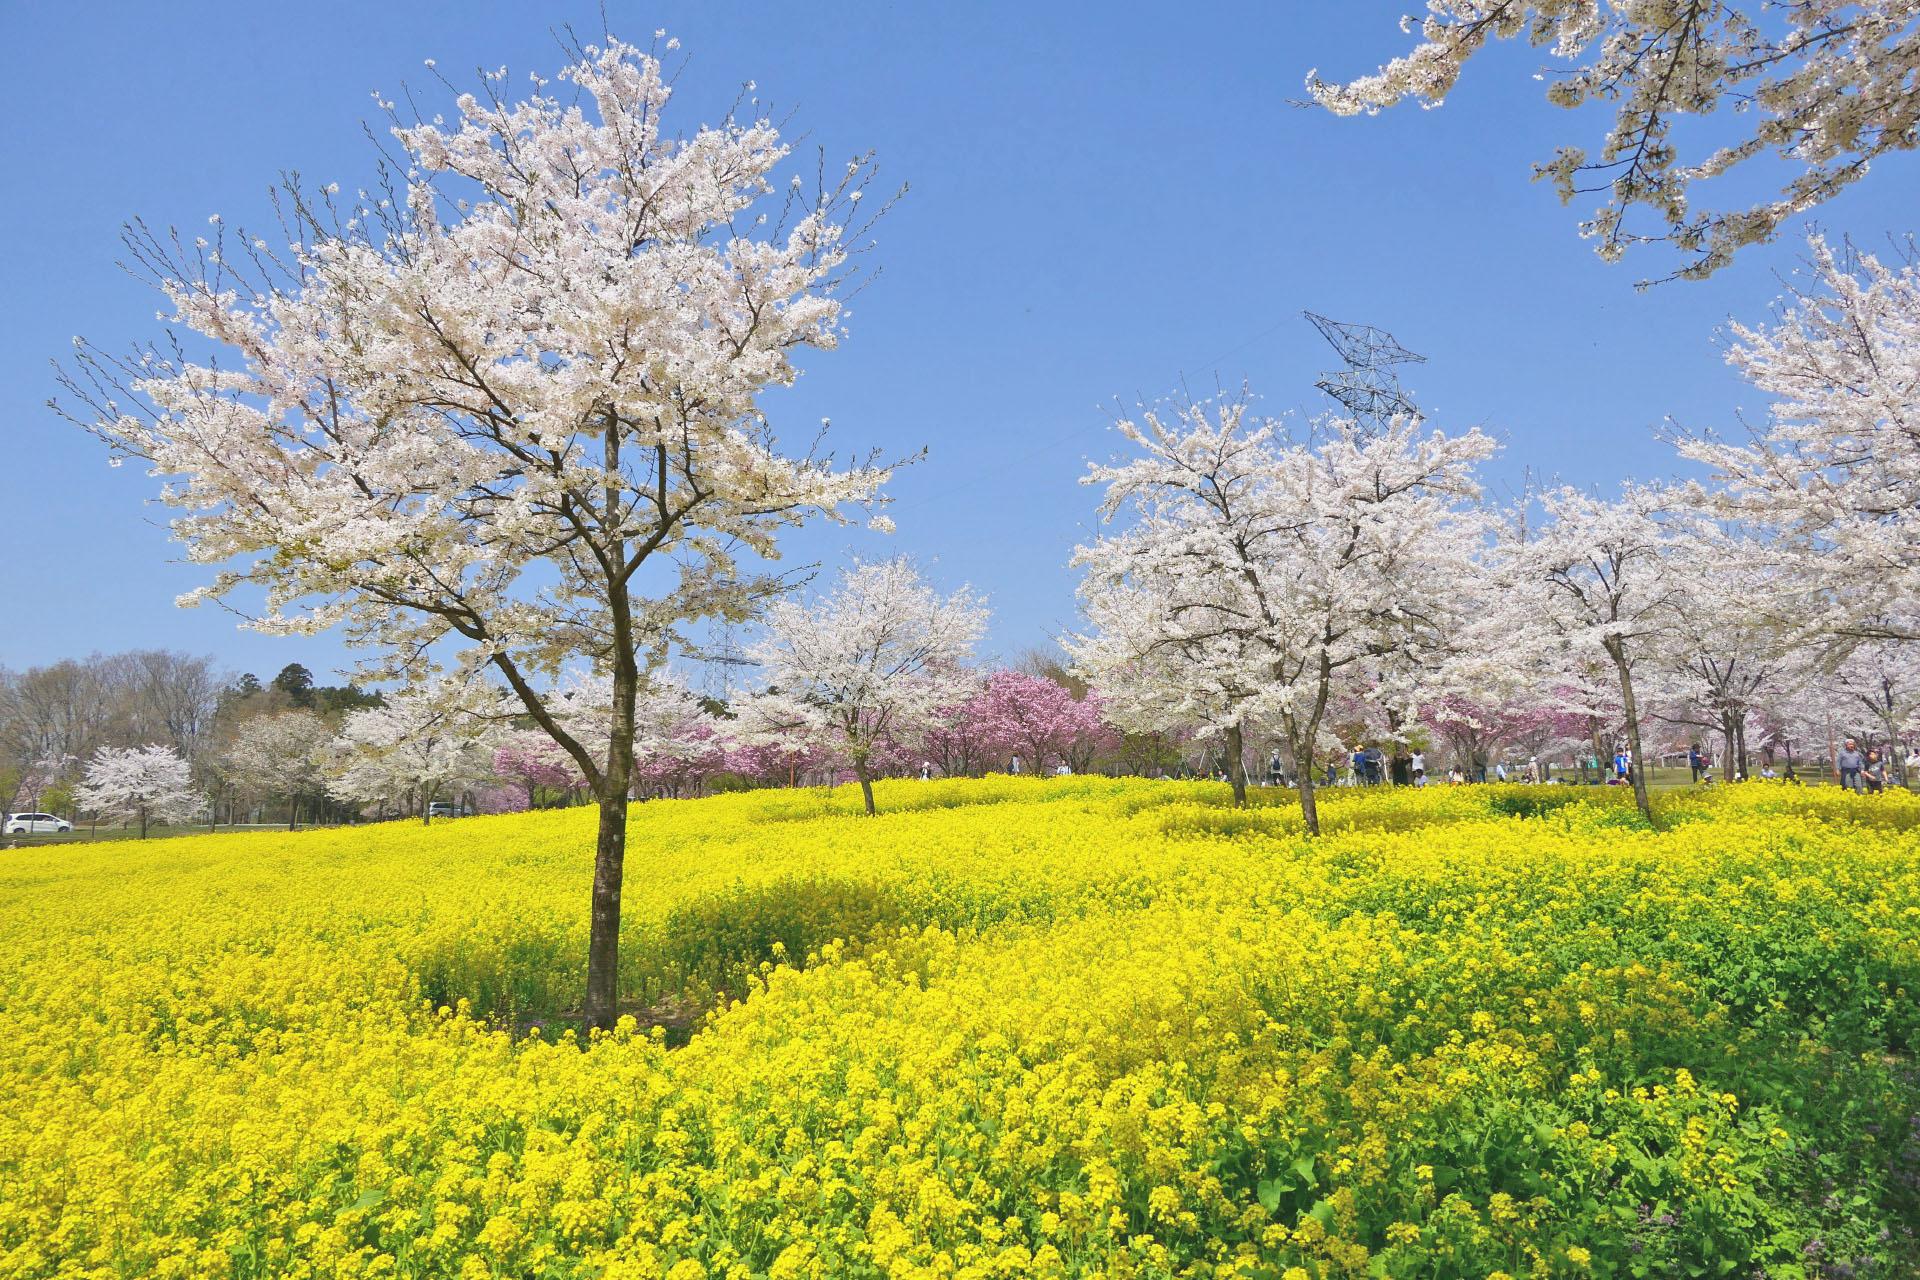 桜と菜の花の風景 赤城南面千本桜 群馬の風景